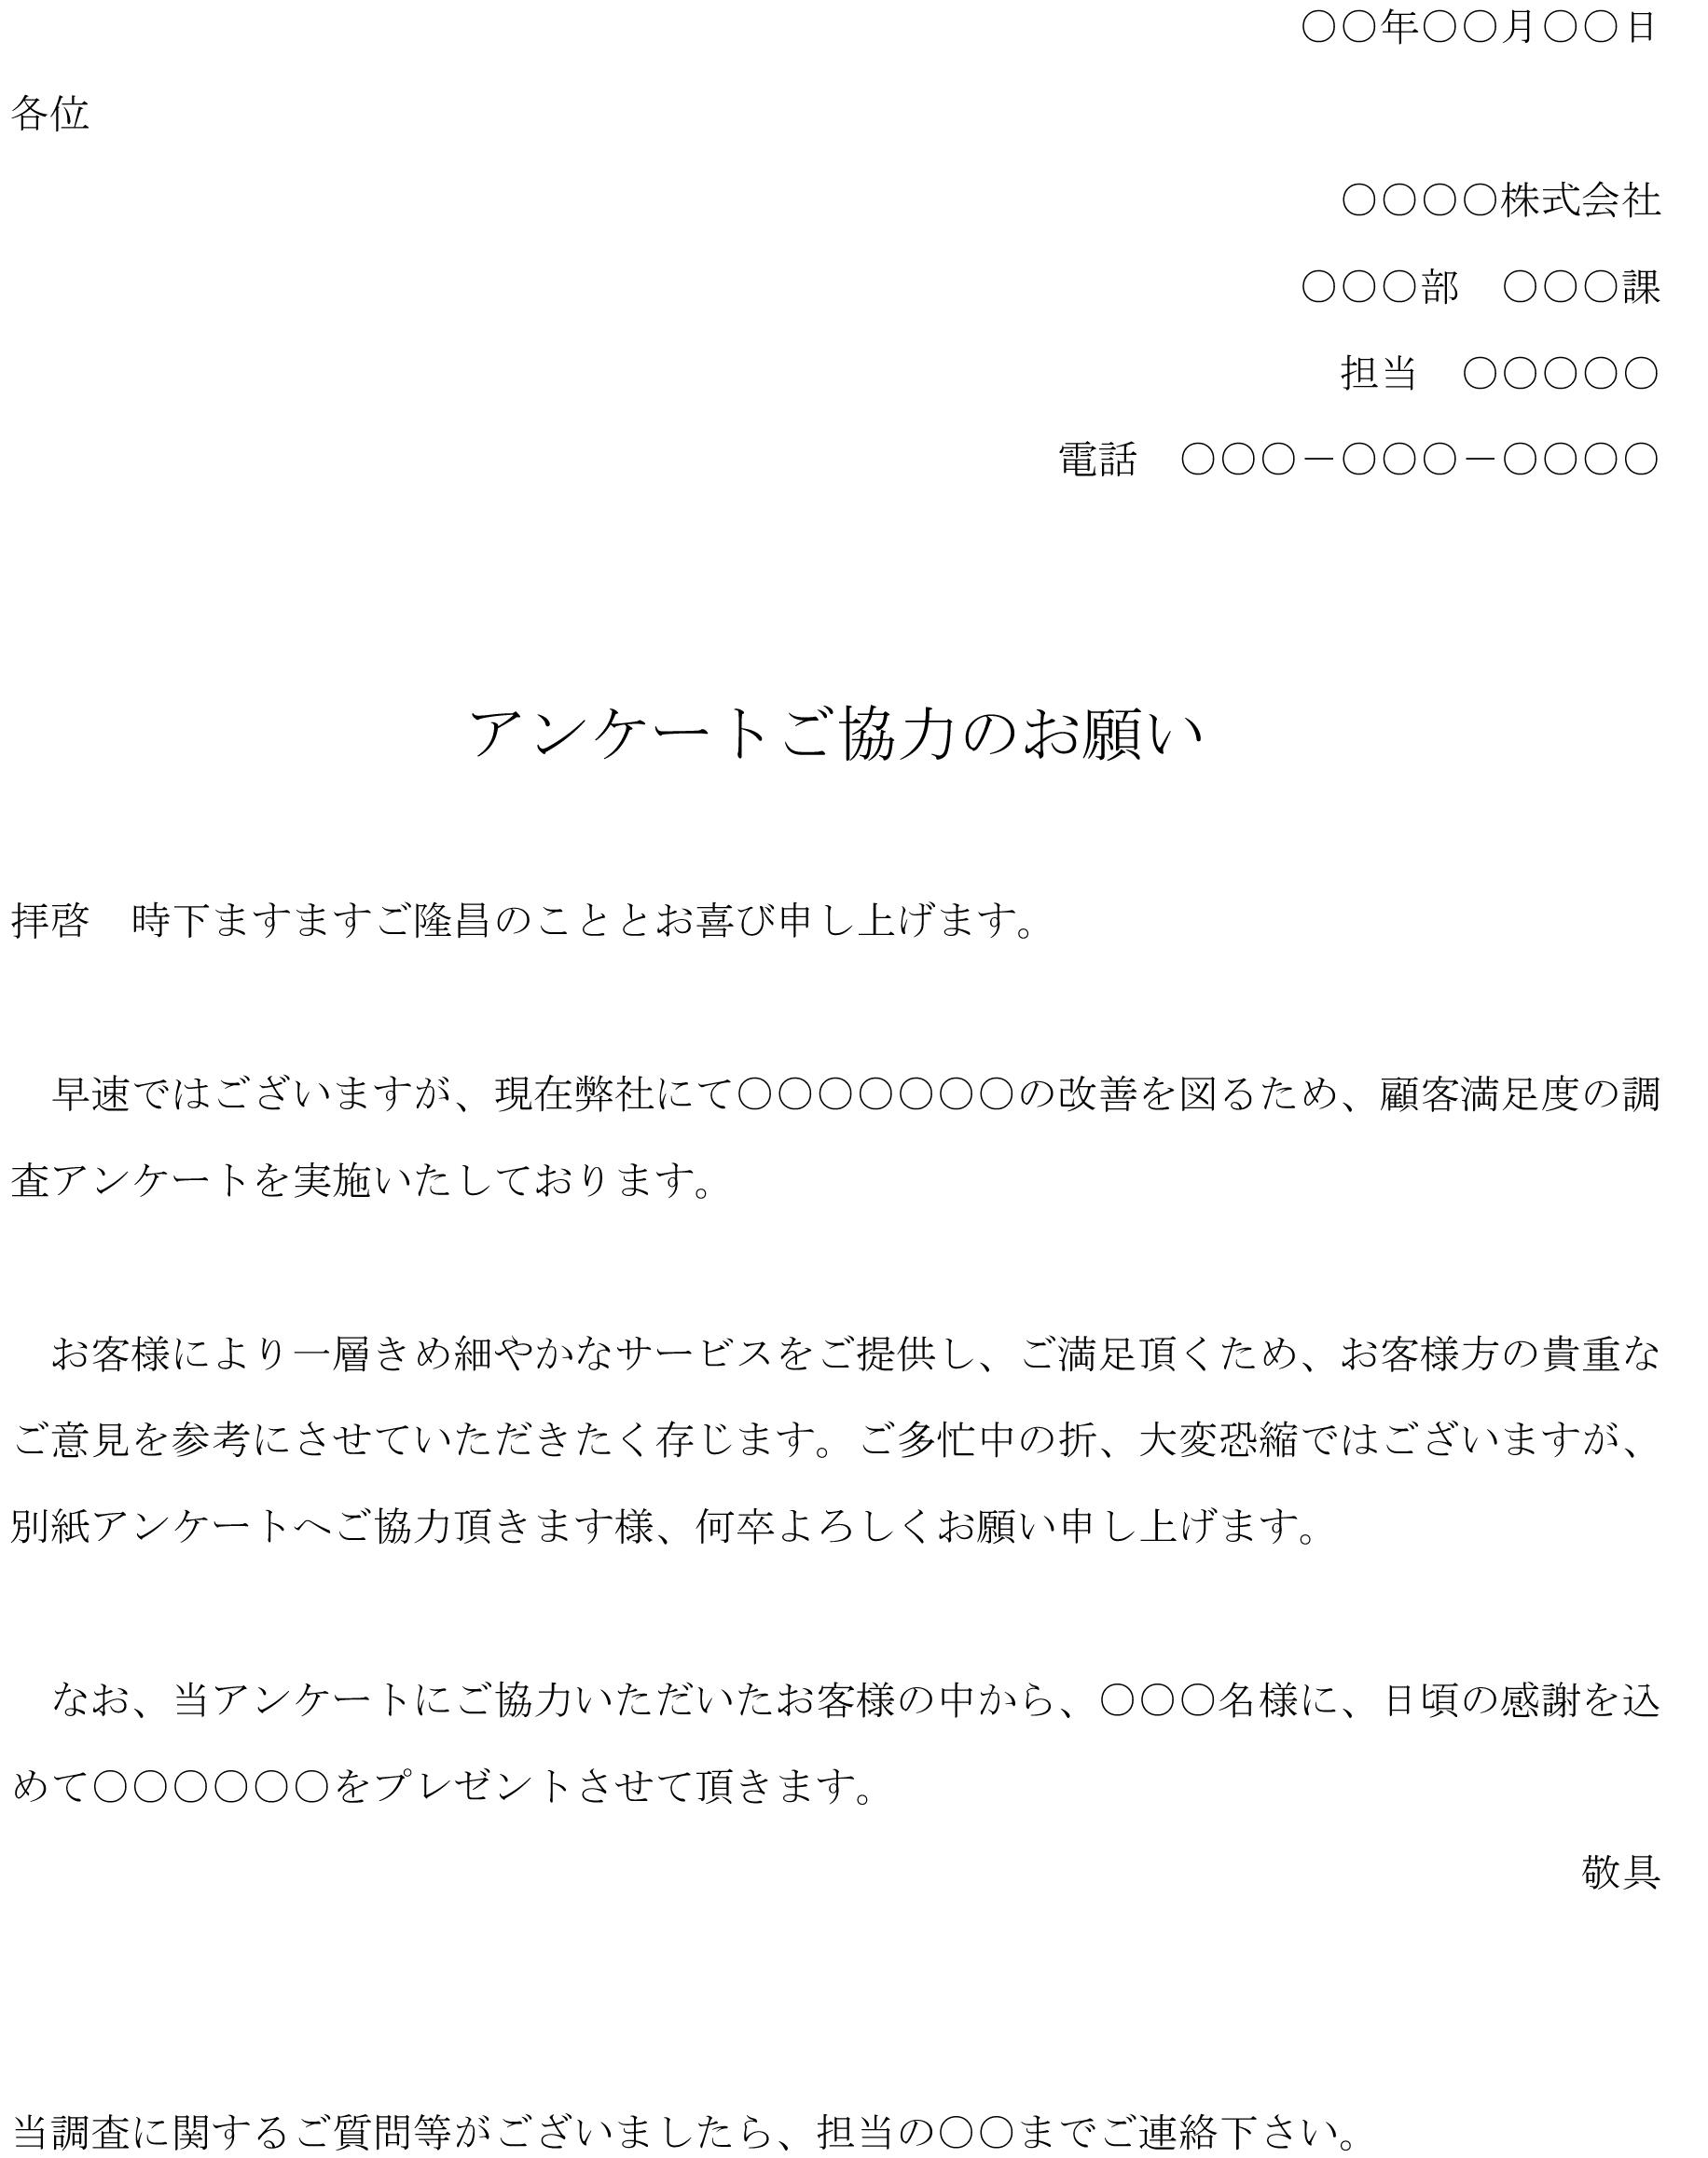 依頼状(アンケート協力)06